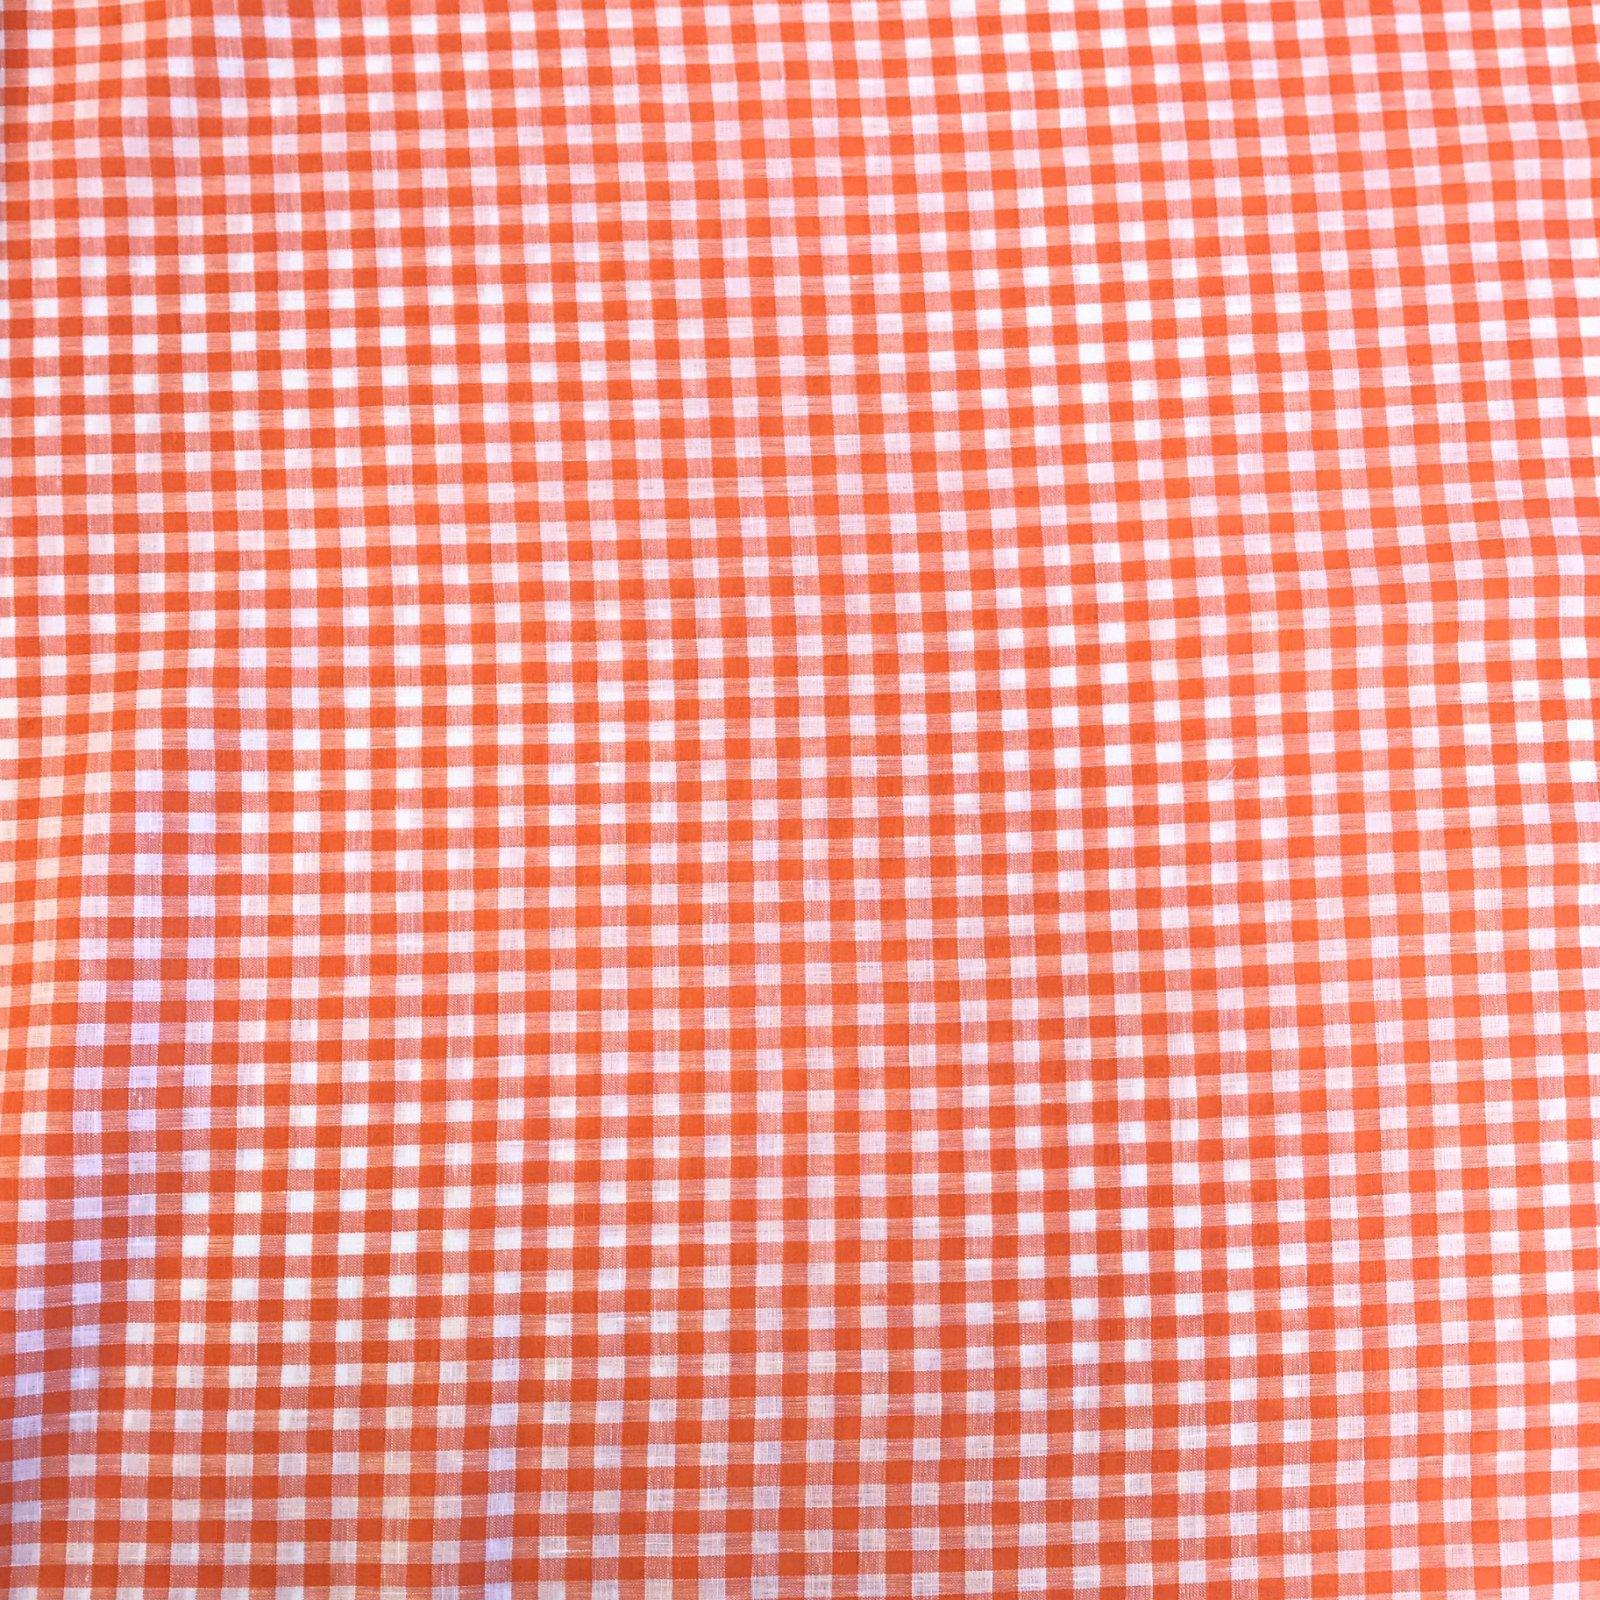 Linen Gingham Check - Tangerine